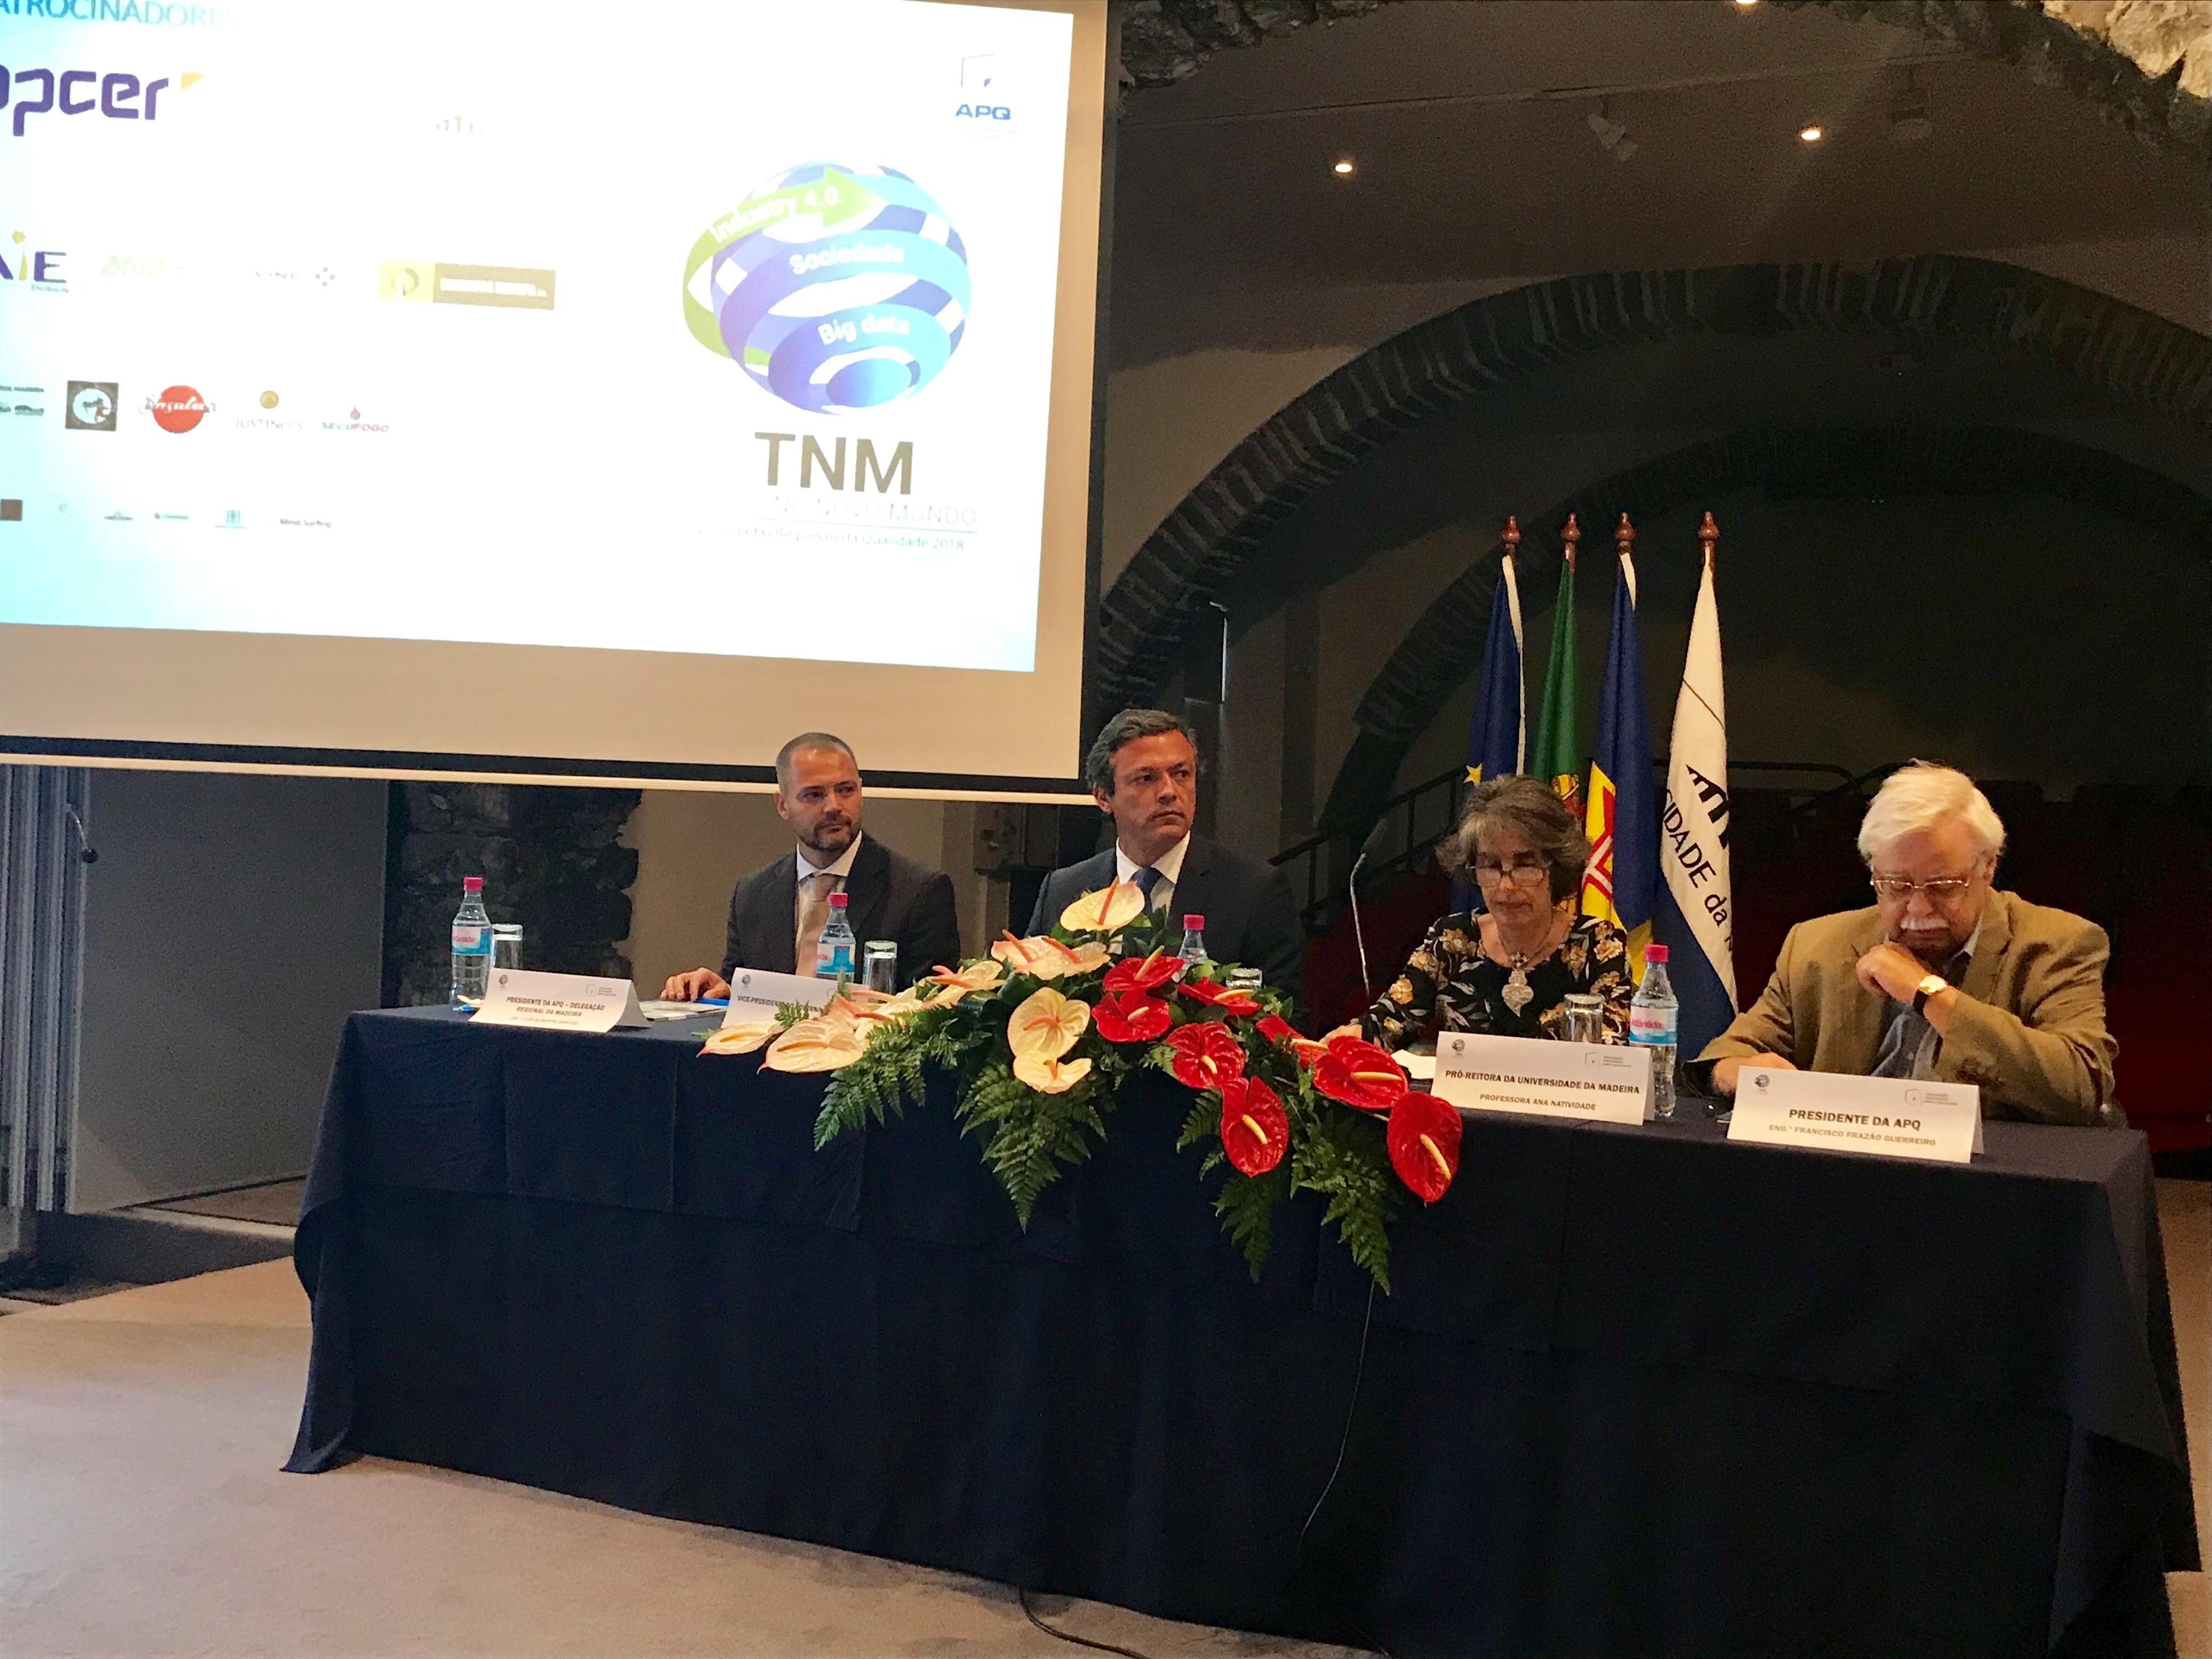 Região quer ser referência nacional e internacional no domínio da Qualidade